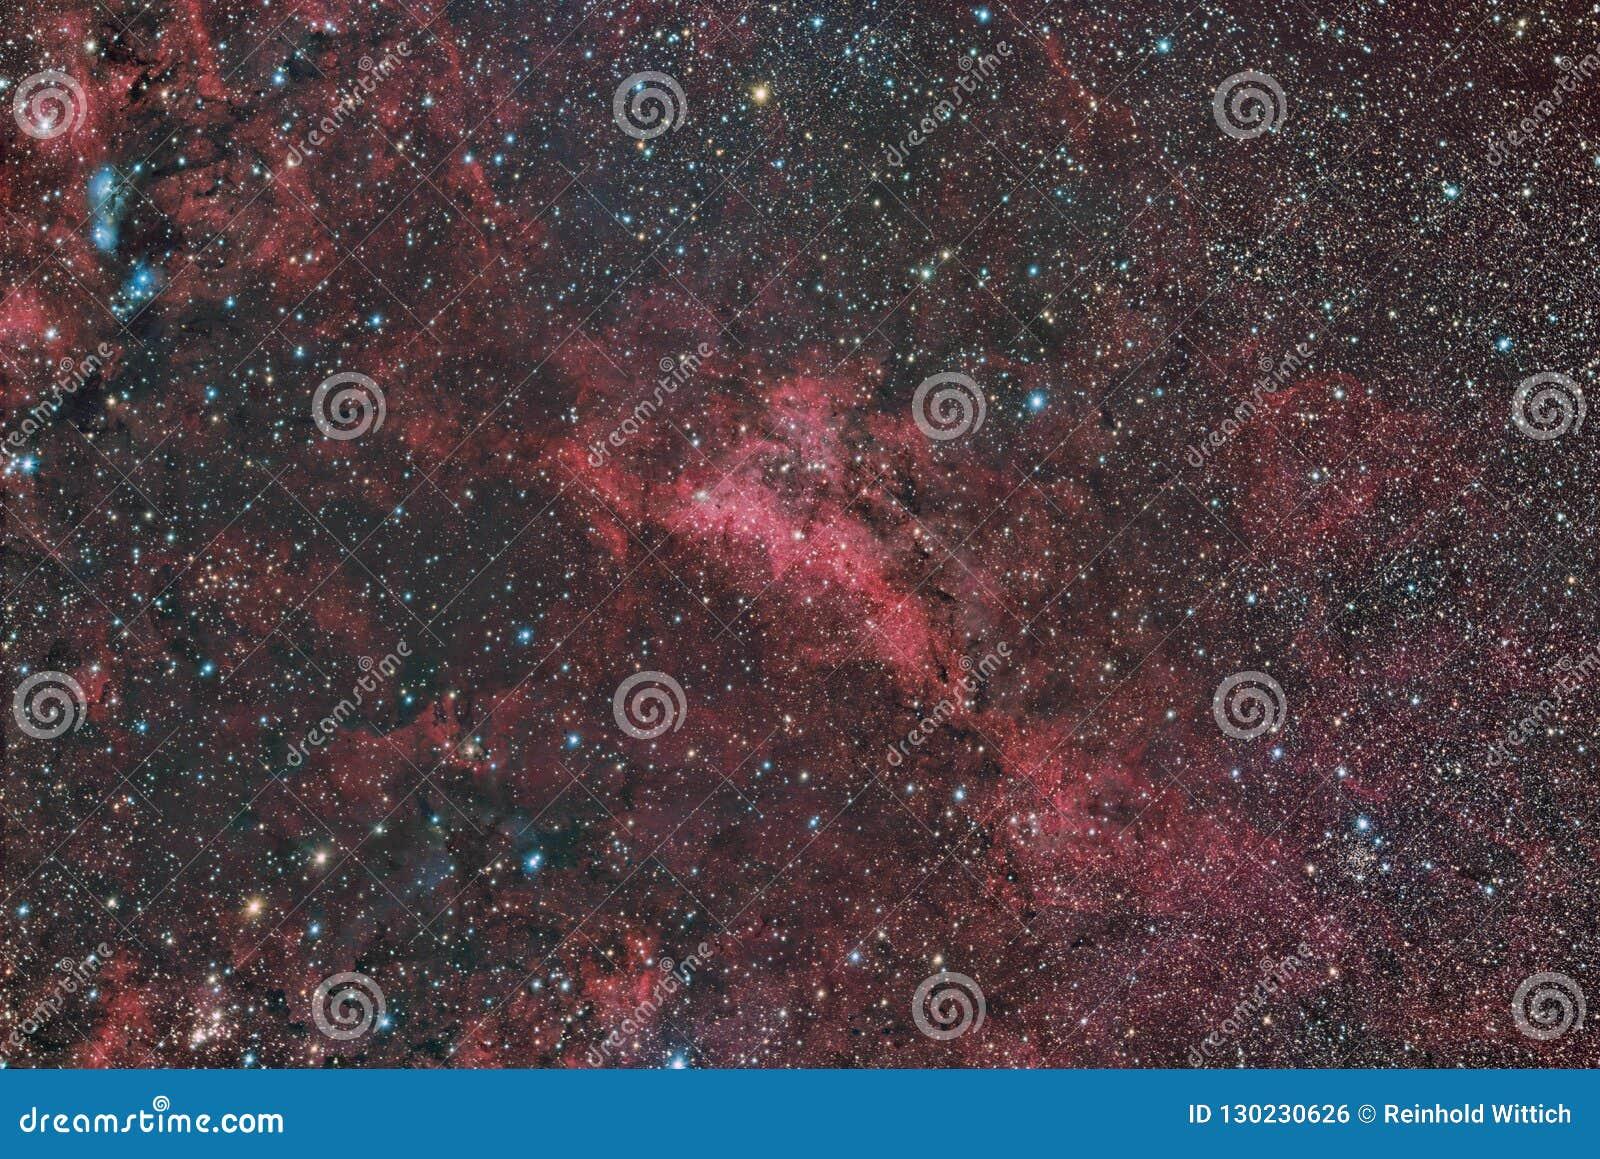 Emissão de LBN 251 e nebulosa de reflexão no Cygnus da constelação